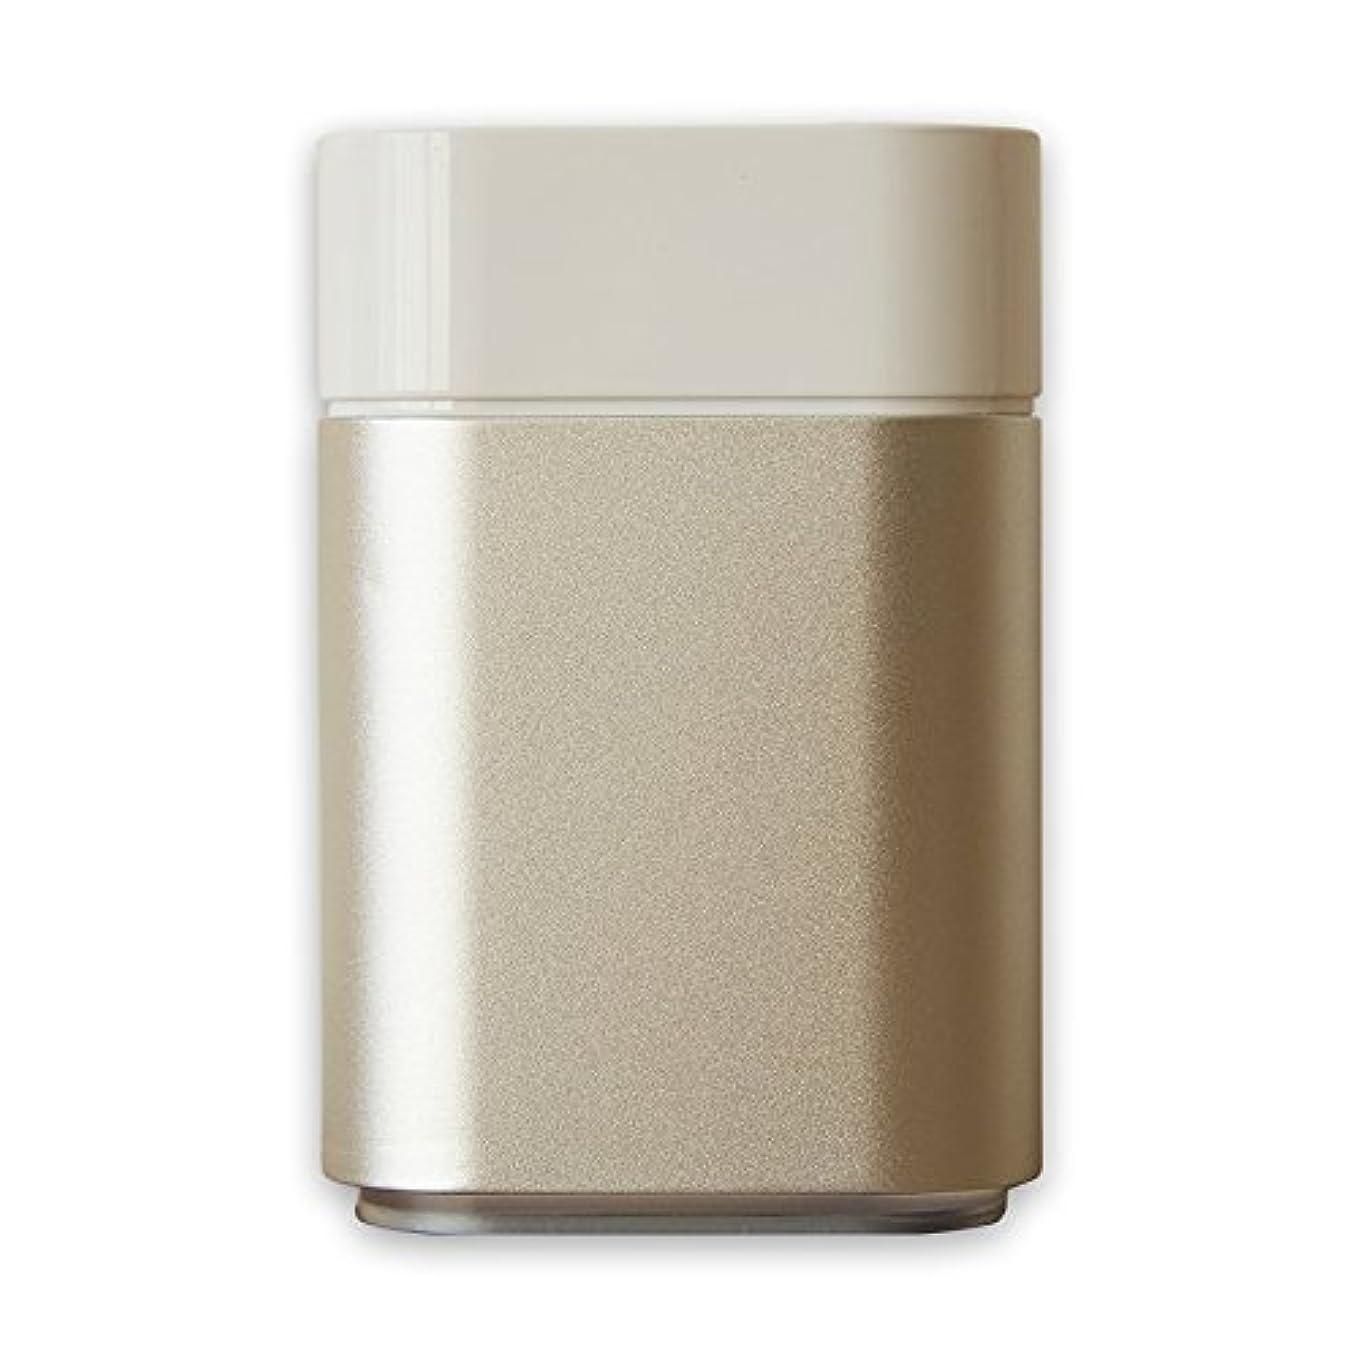 繊維成長するキャッチアロマディフューザー UR-AROMA04 卓上 小型 Uruon(ウルオン)水を使わない アロマ ネブライザー式 水なし ダイレクトオイル 製油瓶直噴式 超音波式 USB 卓上 油性 水性 静音 アロマオイル